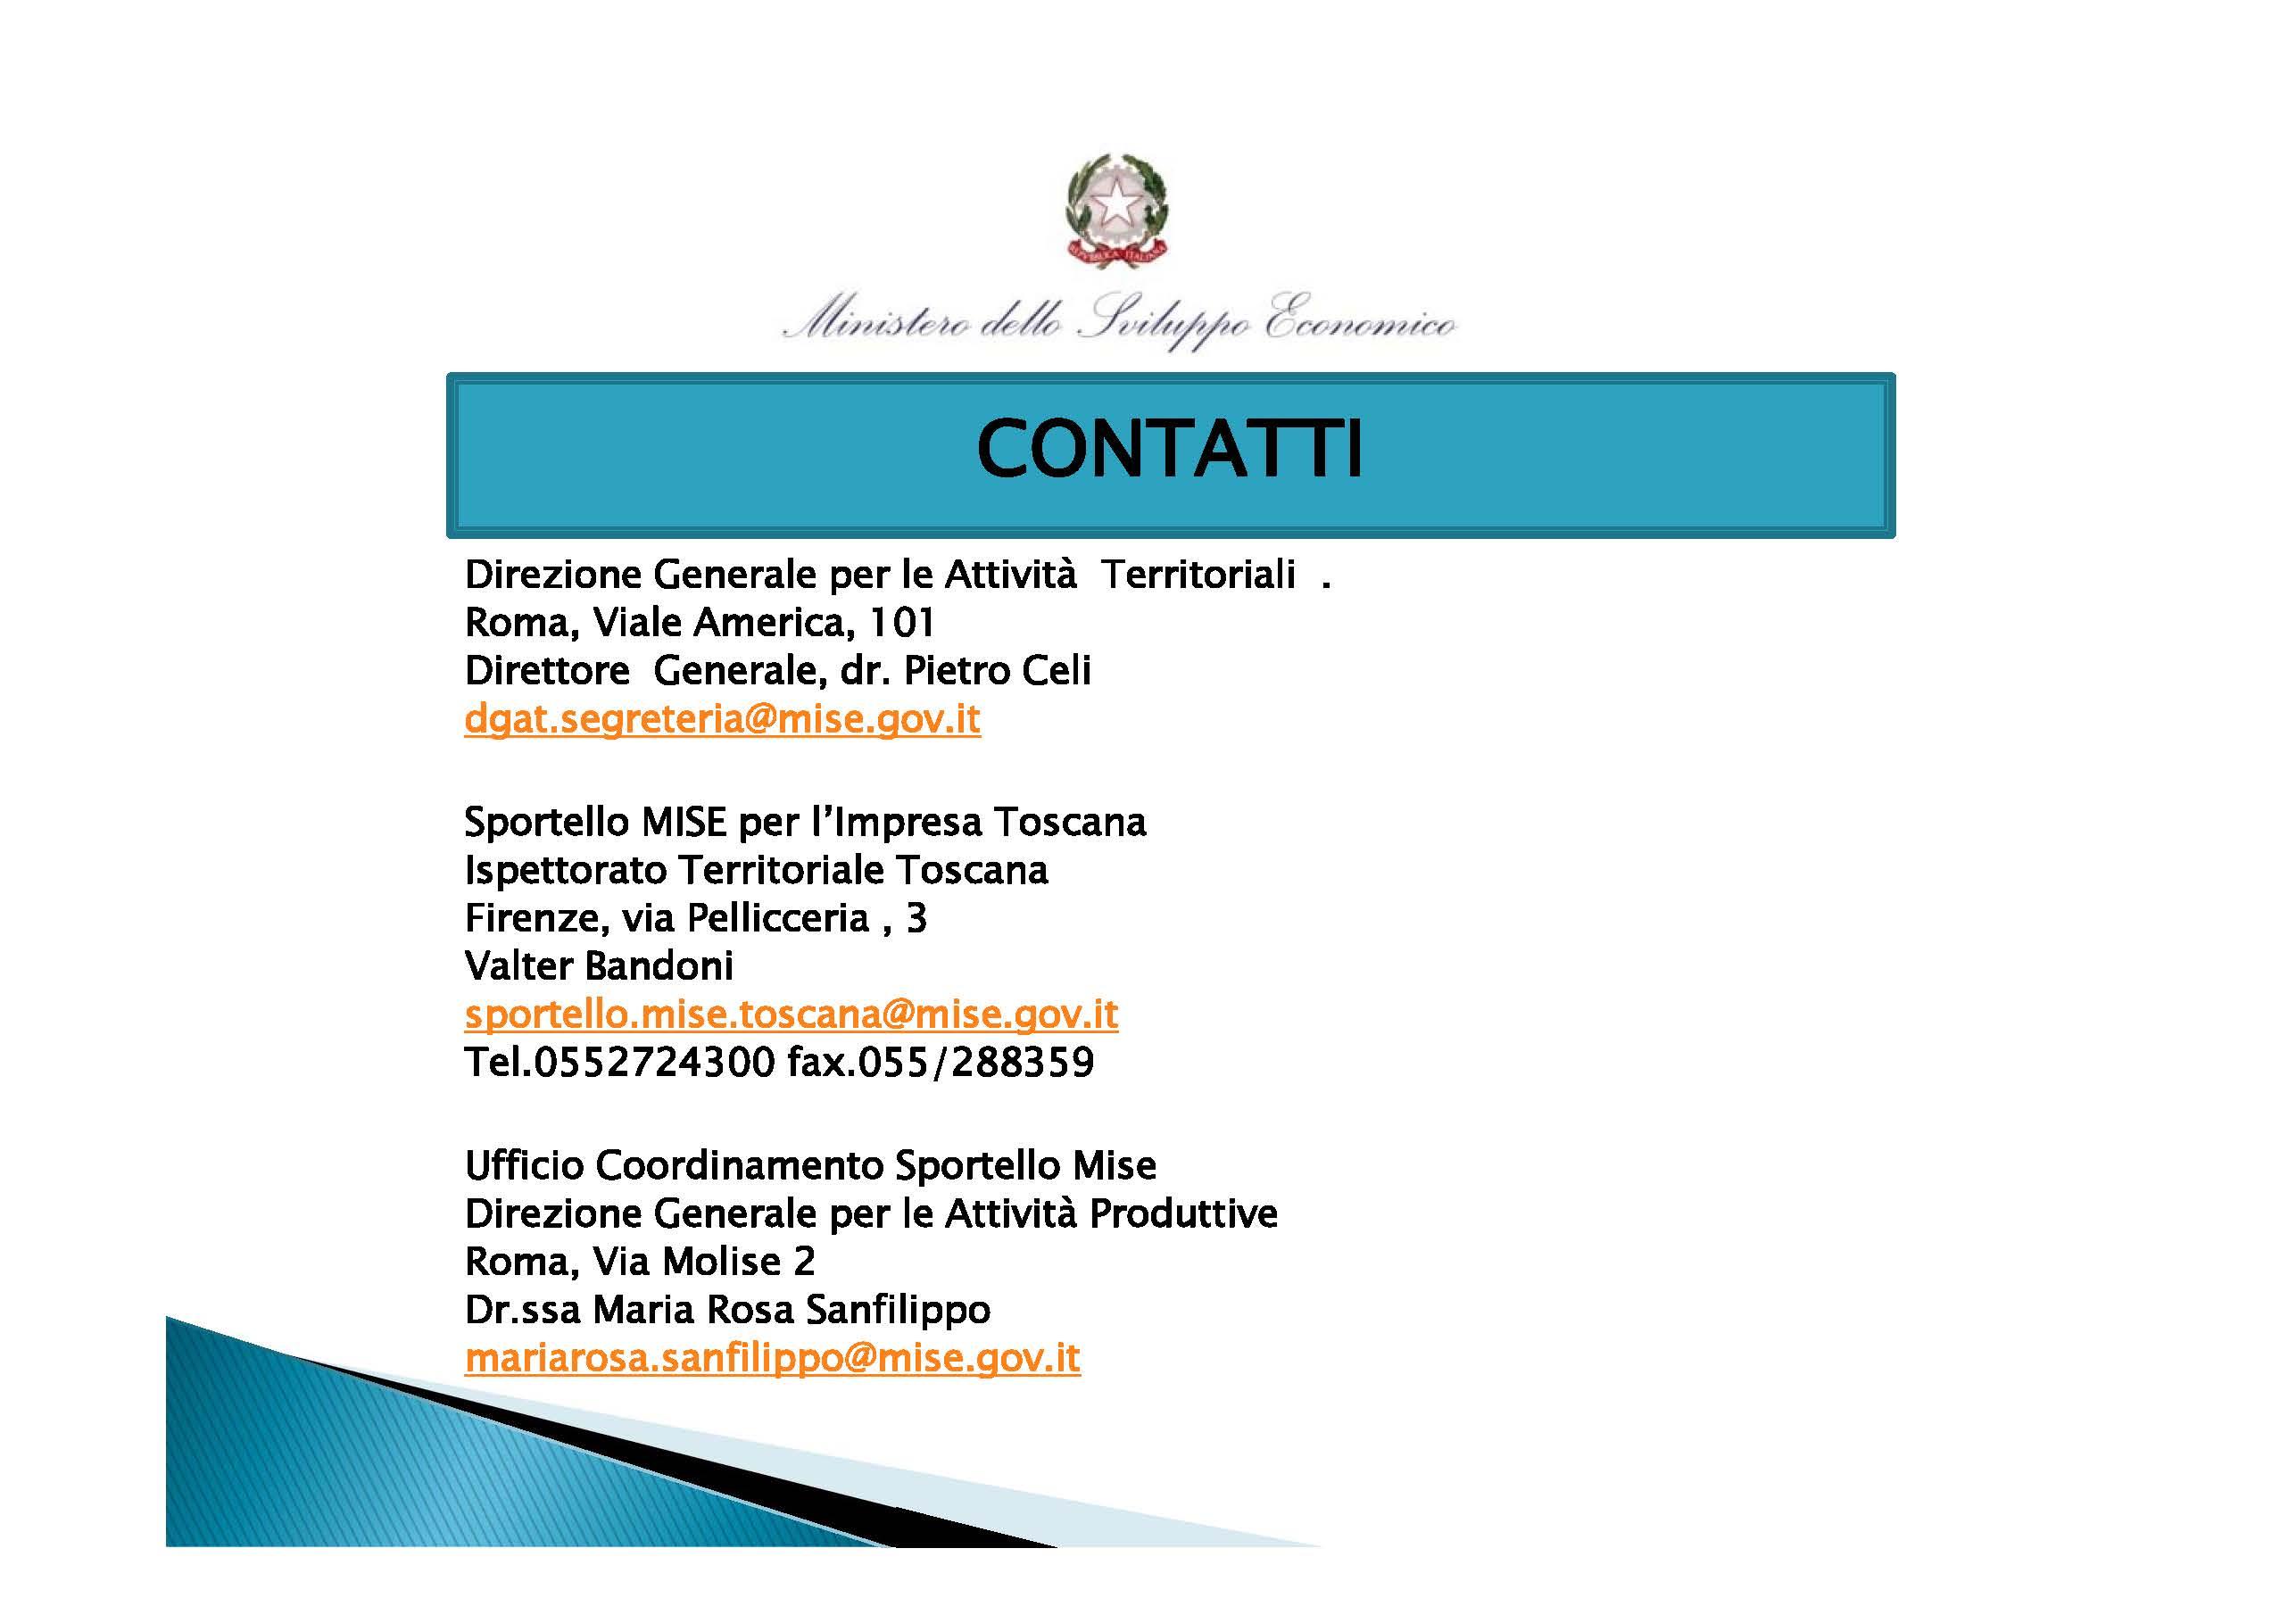 voucher-digitalizzazione-slide-bandoni_pagina_18